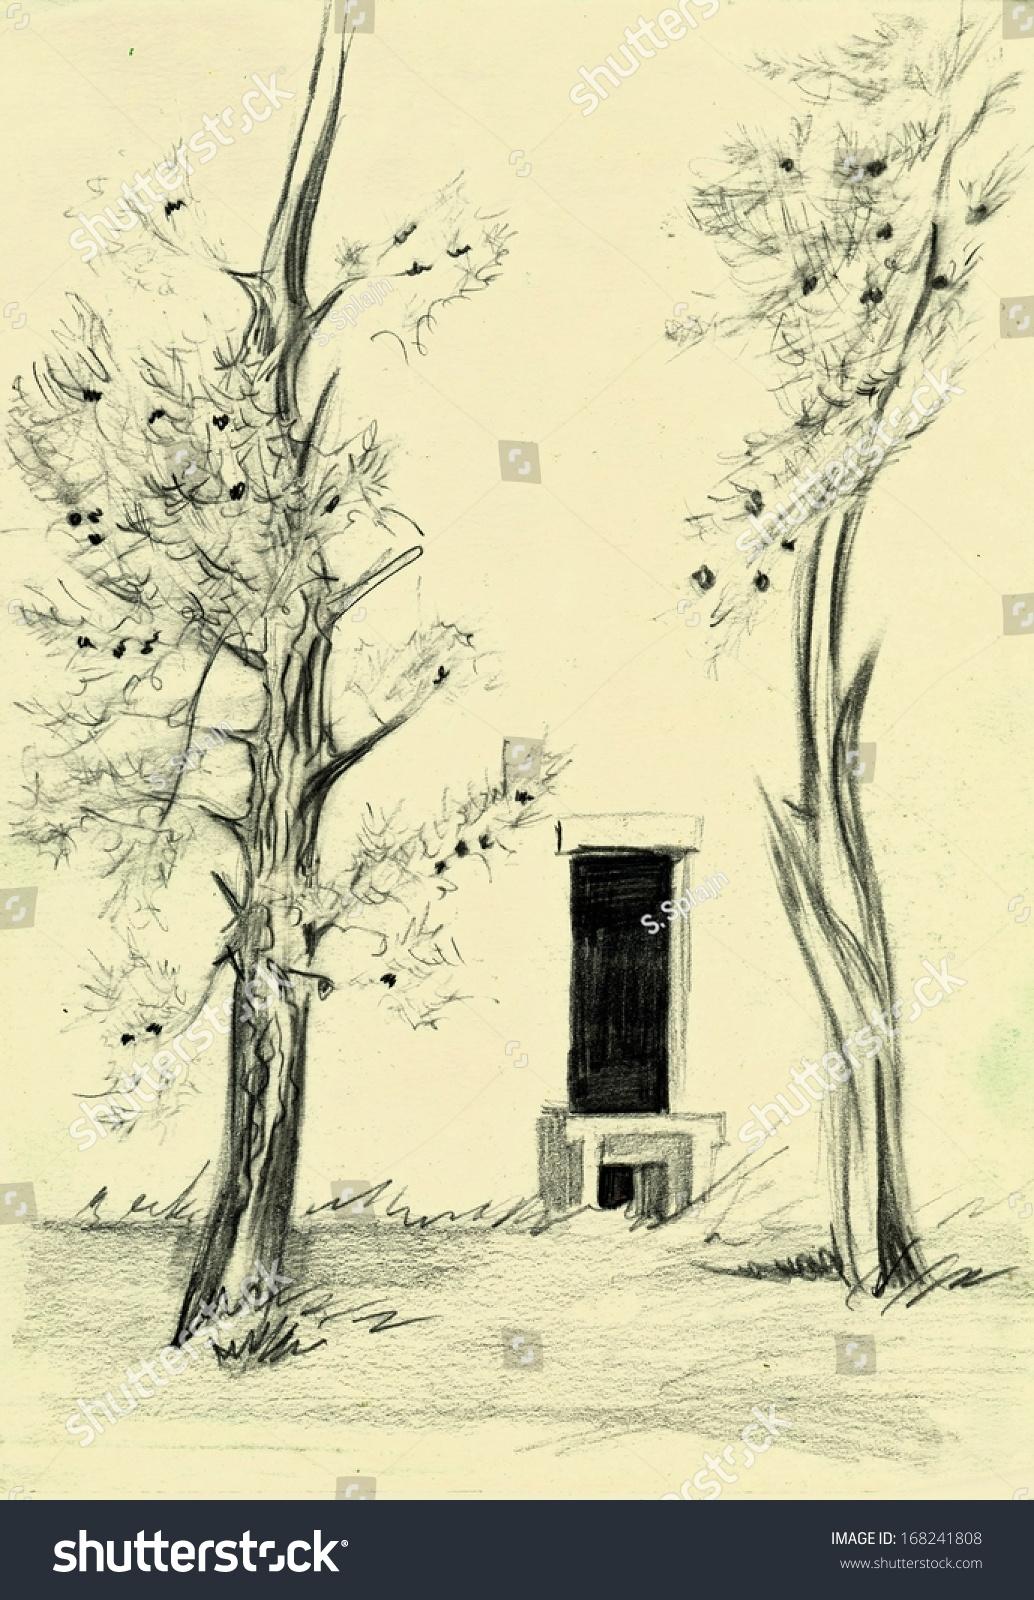 Vintage Sketchbook Page Trees Sketch Pencil Stock Illustration 168241808